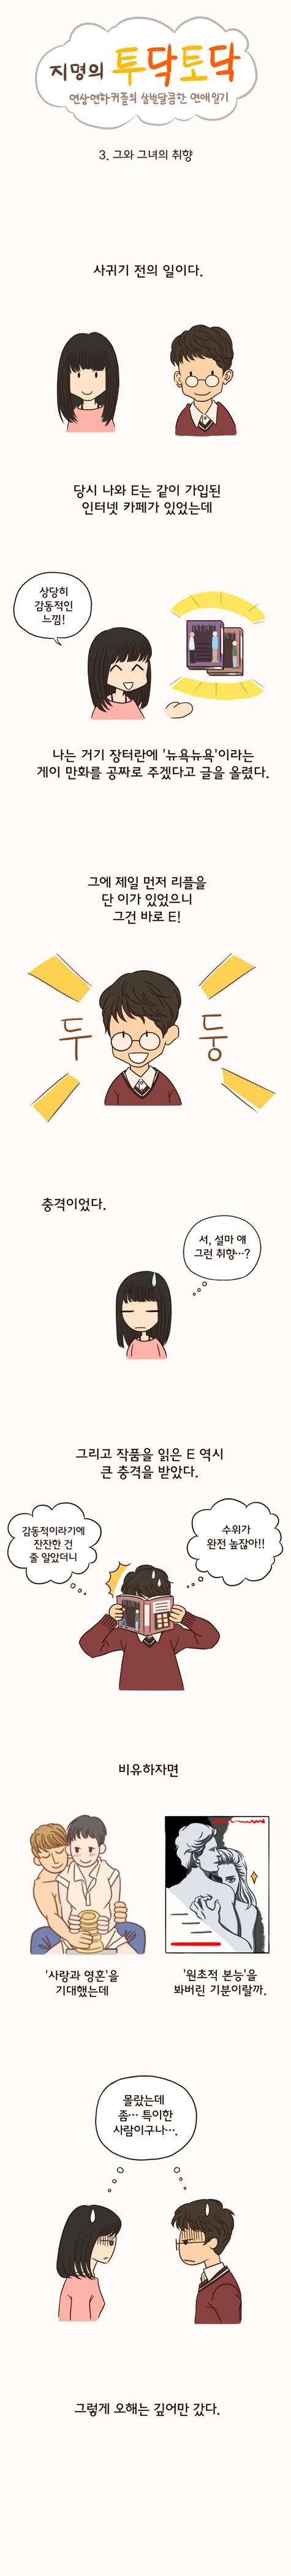 [연애 웹툰] 투닥토닥 3. 그와 그녀의 취향